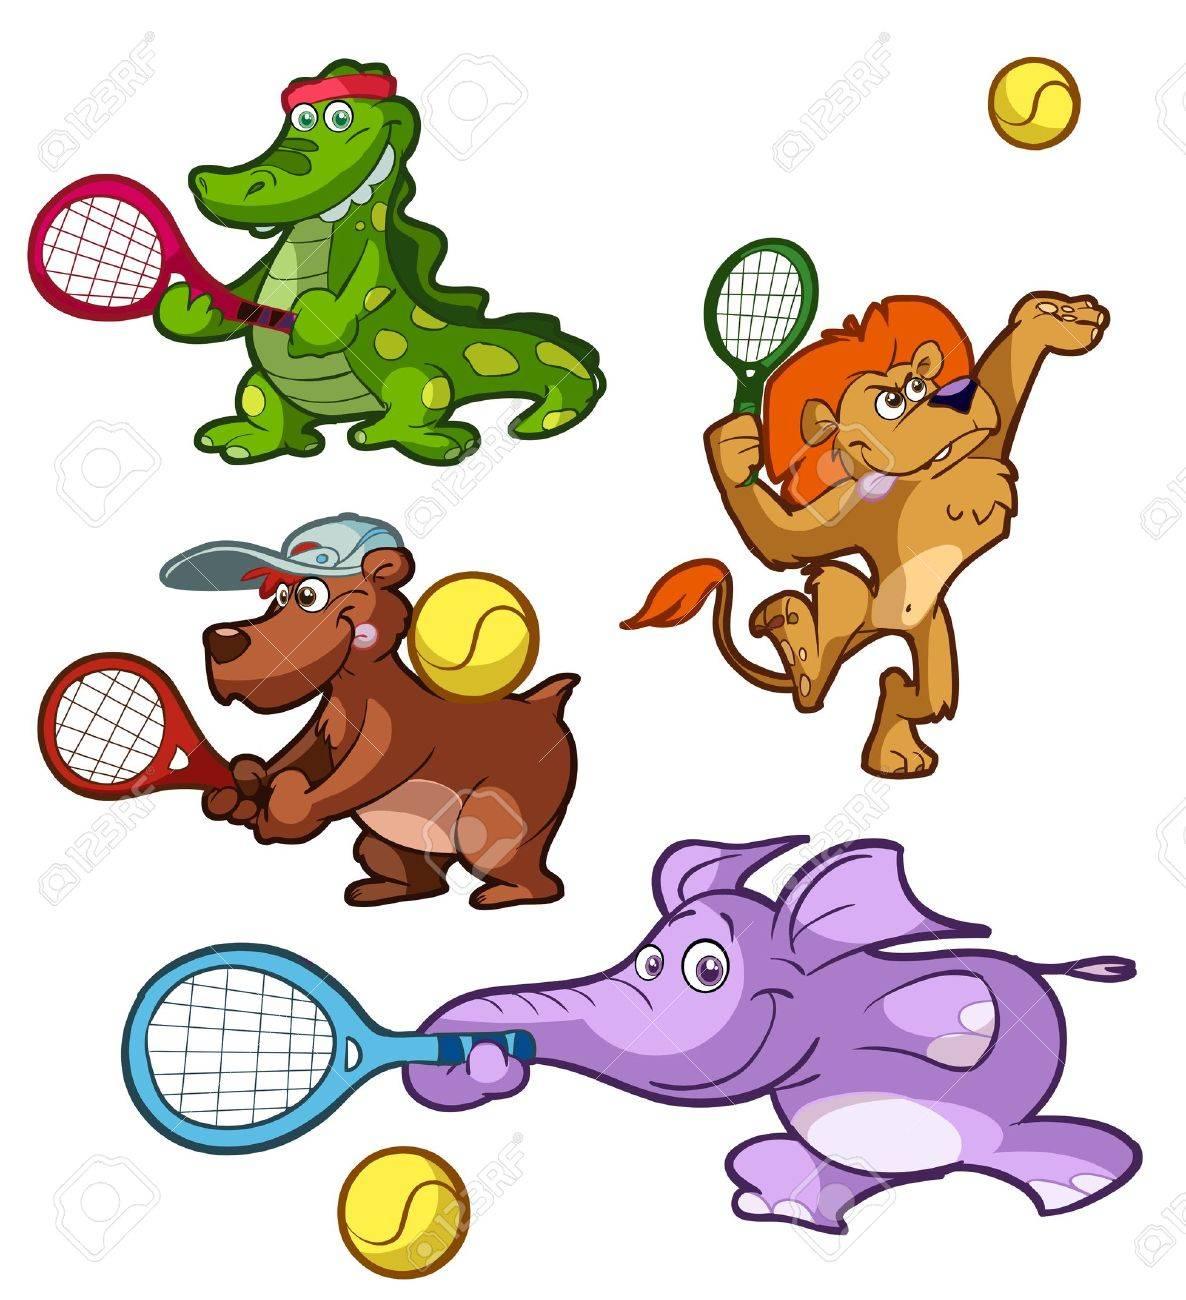 una colección de animales jugando al tenis Foto de archivo - 11966409